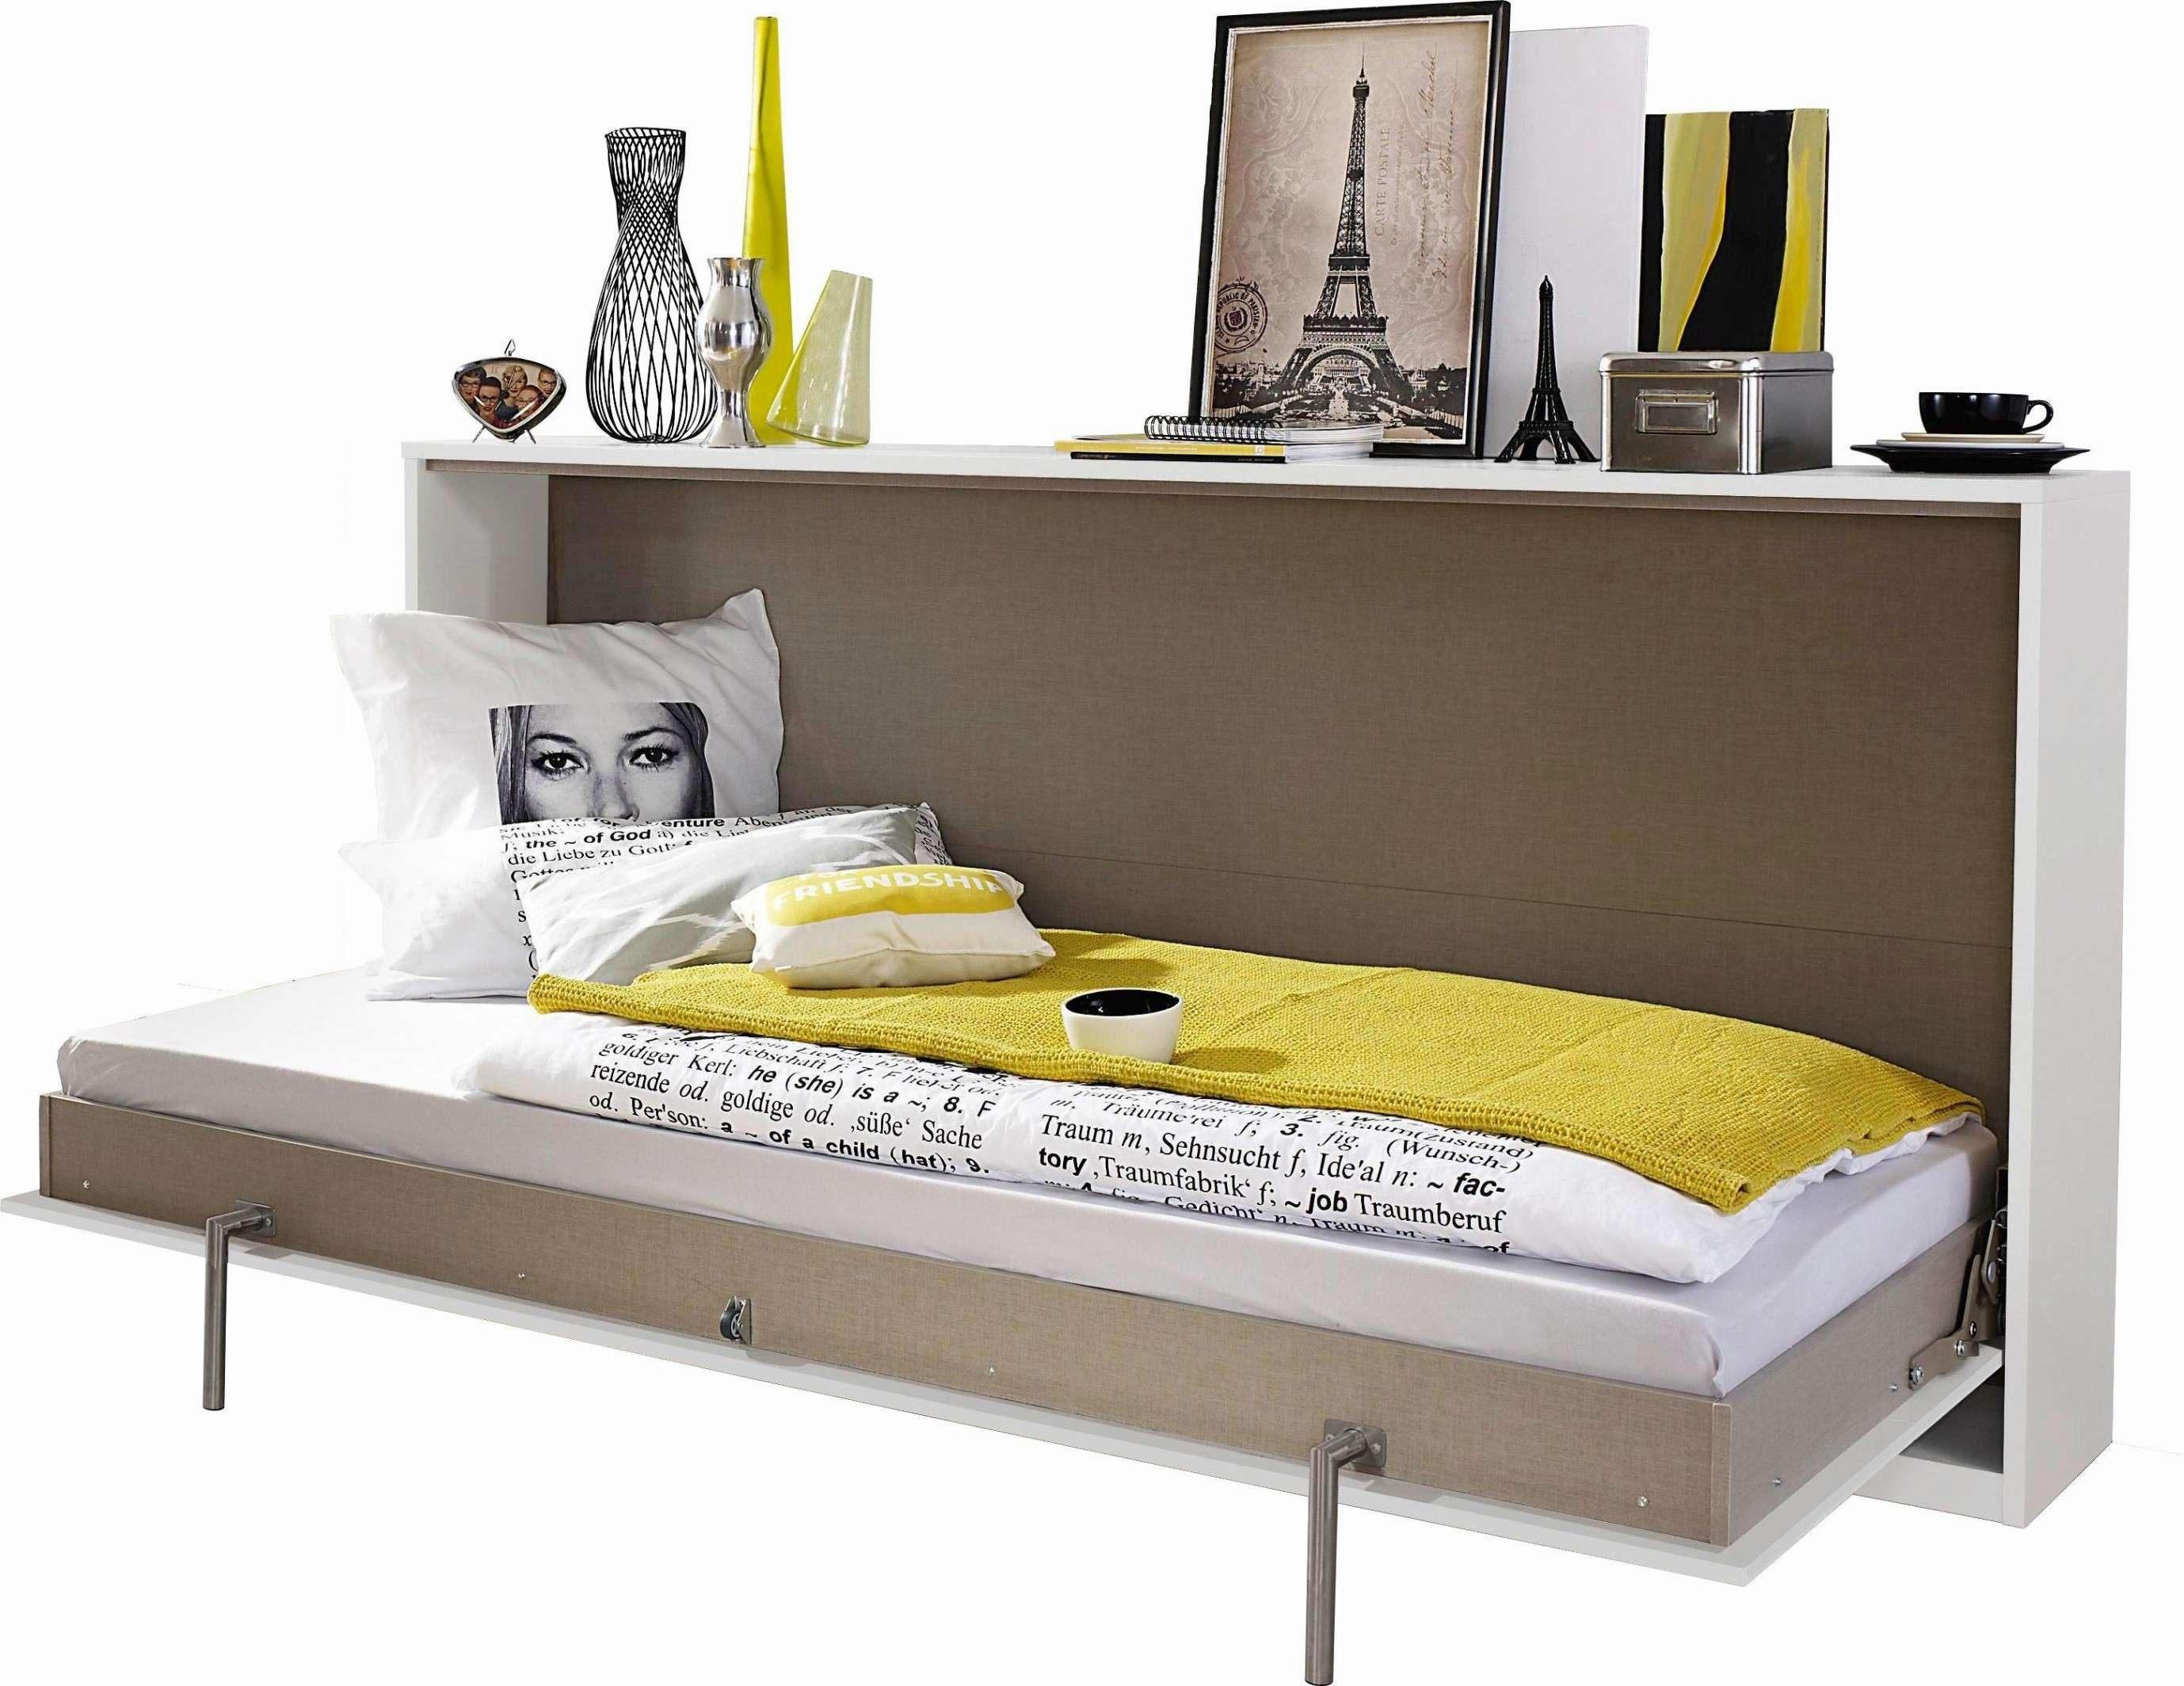 Tete De Lit Chez but Bel Adorable Etagere Tete De Lit Ikea  Tete De Lit Led L Gant 30 L Gant